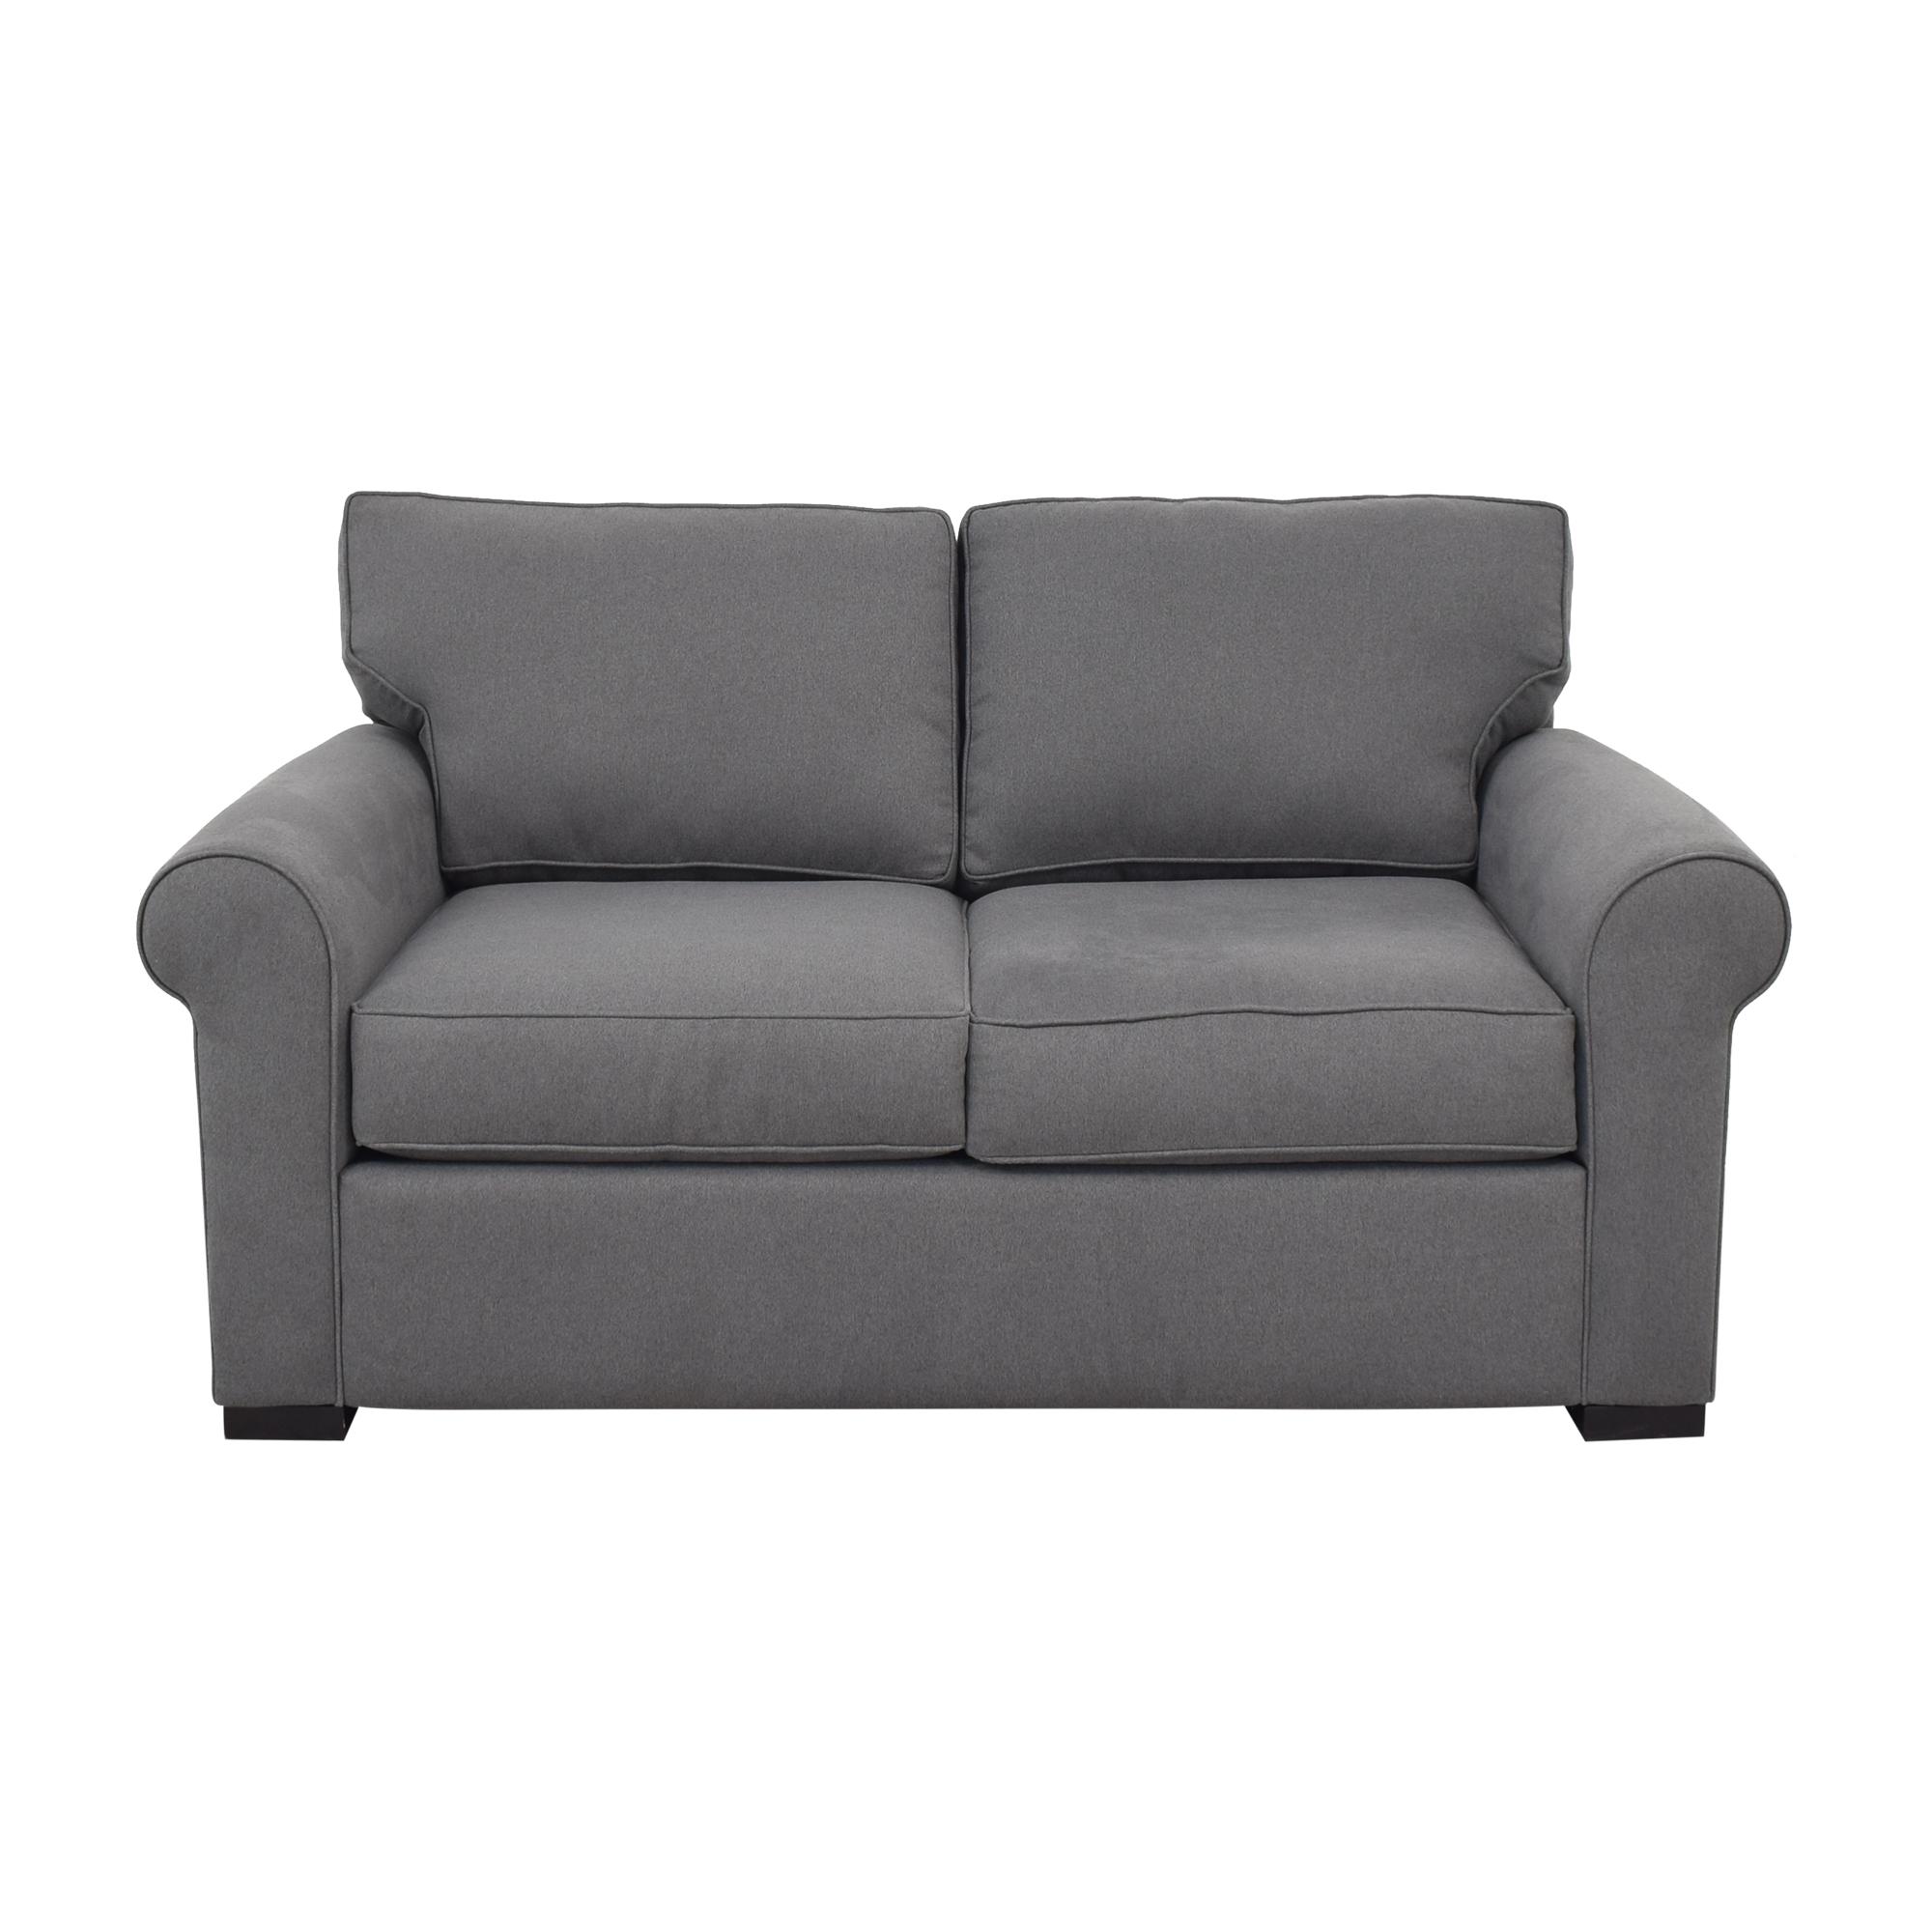 buy Macy's Ladlow Loveseat Macy's Sofas